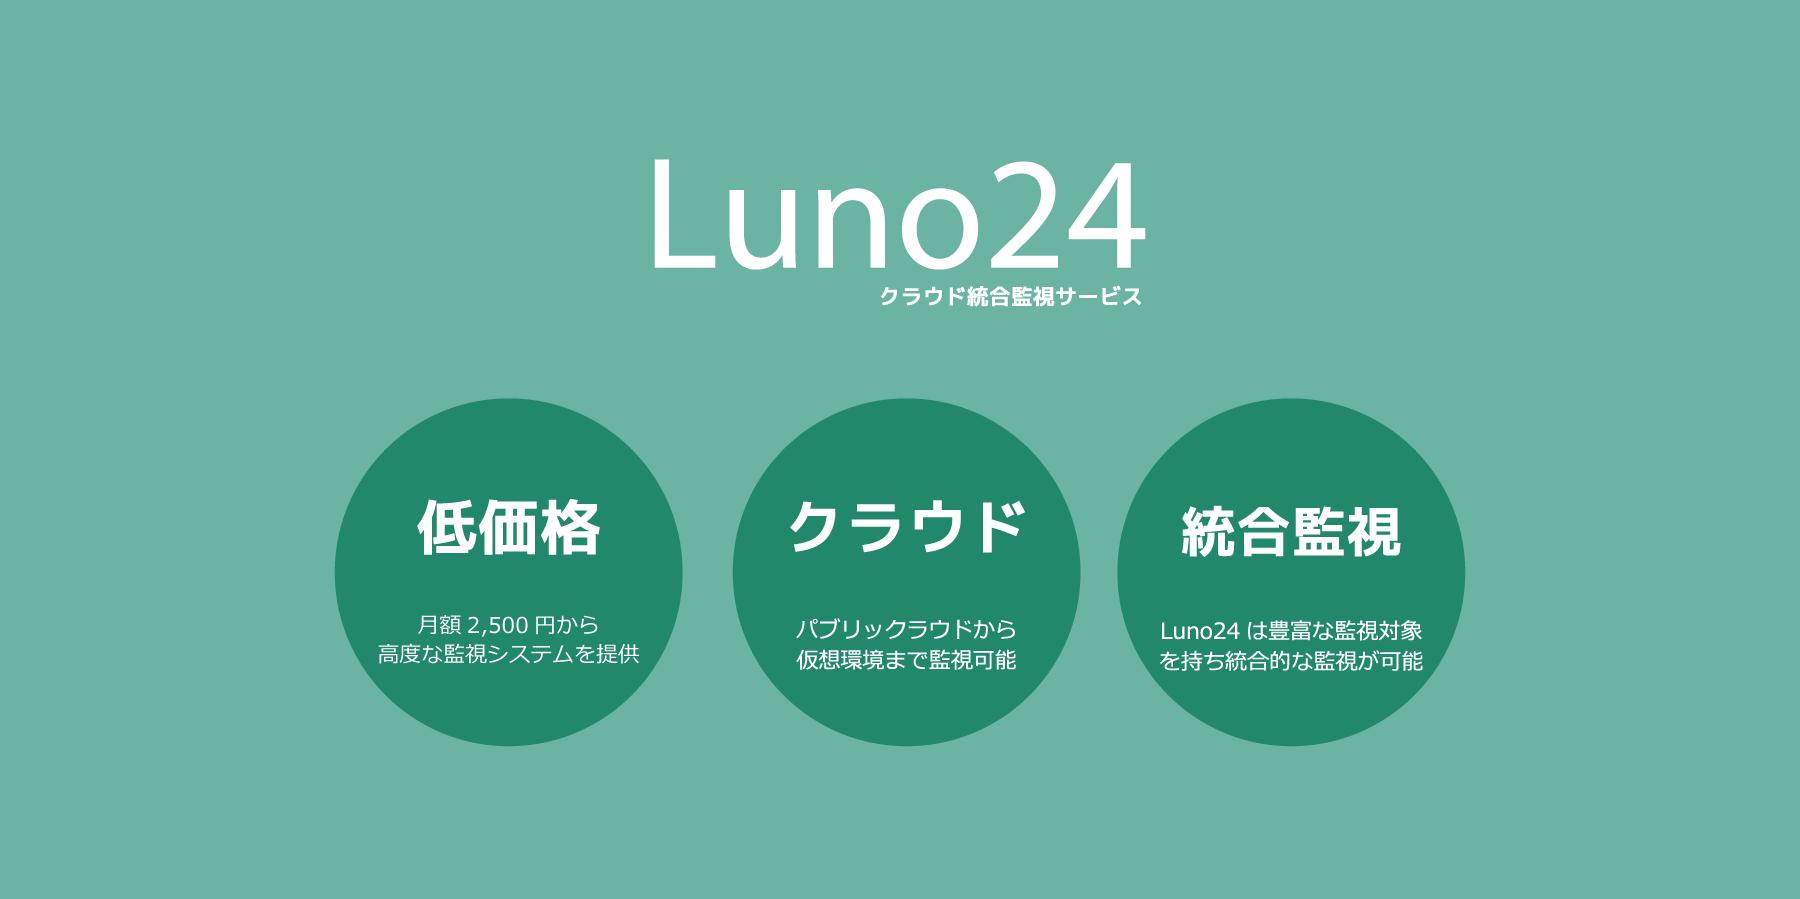 Luno24